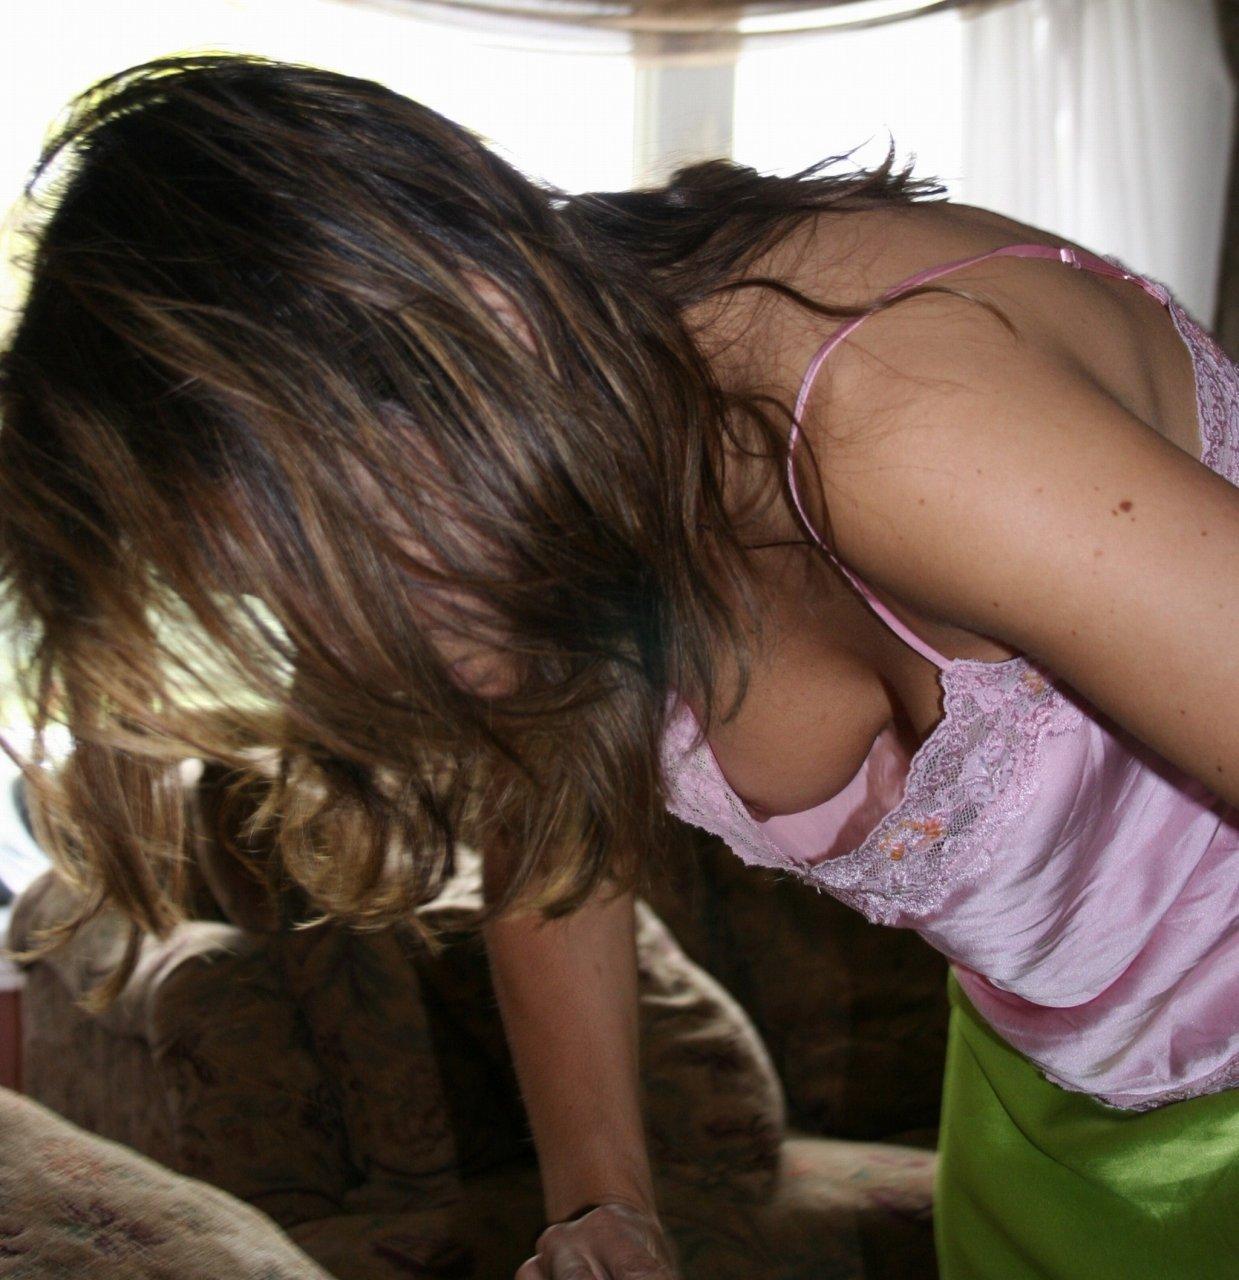 家庭教師をしているjk生徒の胸チラ盗撮エロ画像11枚目